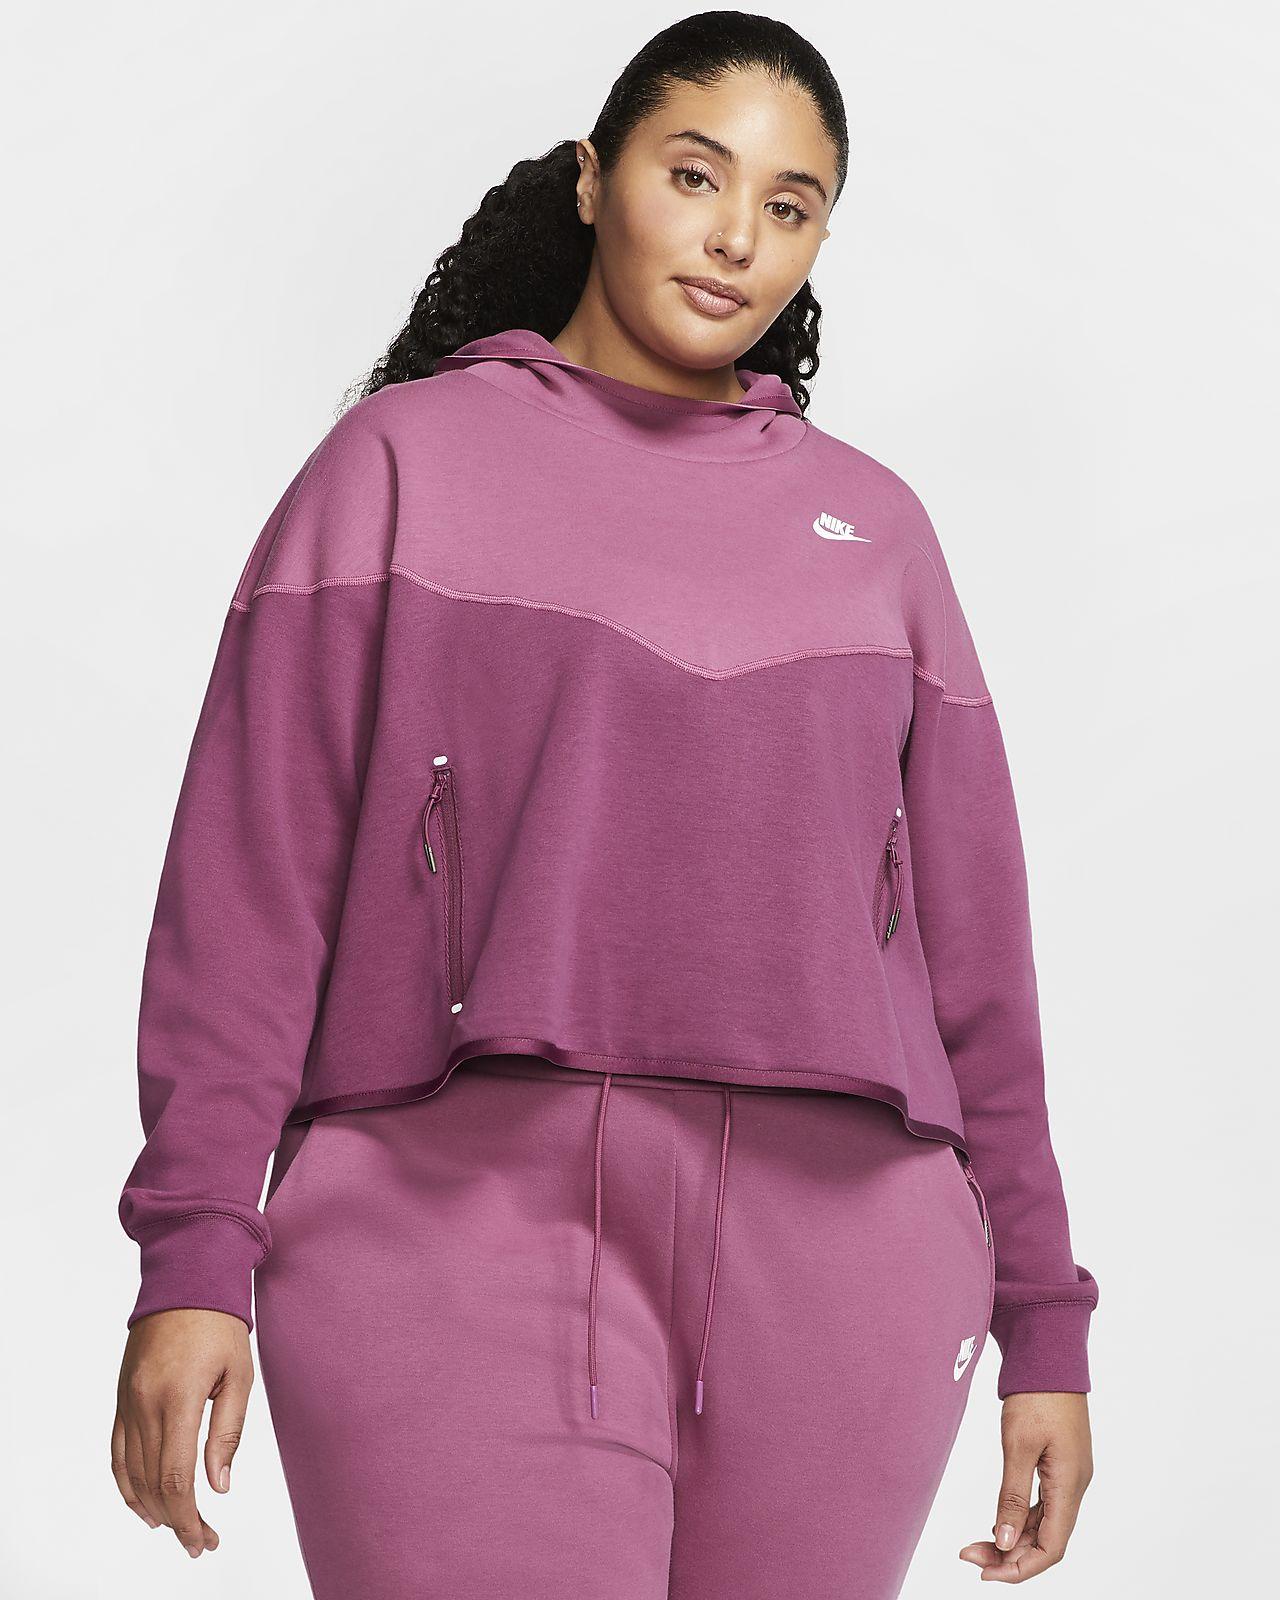 Nike Sportswear Tech Fleece Women's Pullover Hoodie (Plus Size)